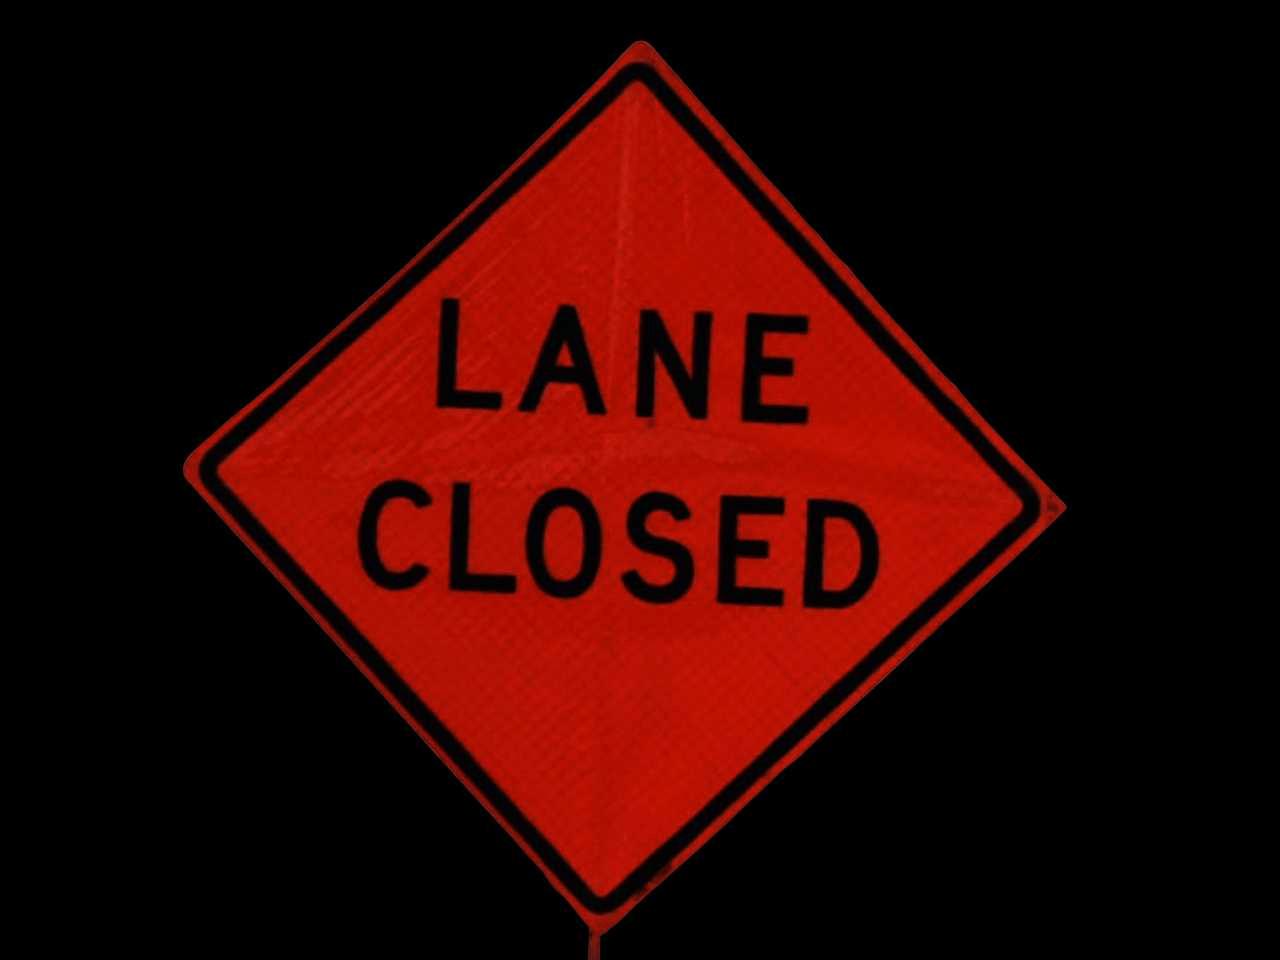 lane closure_1537976058618.png.jpg